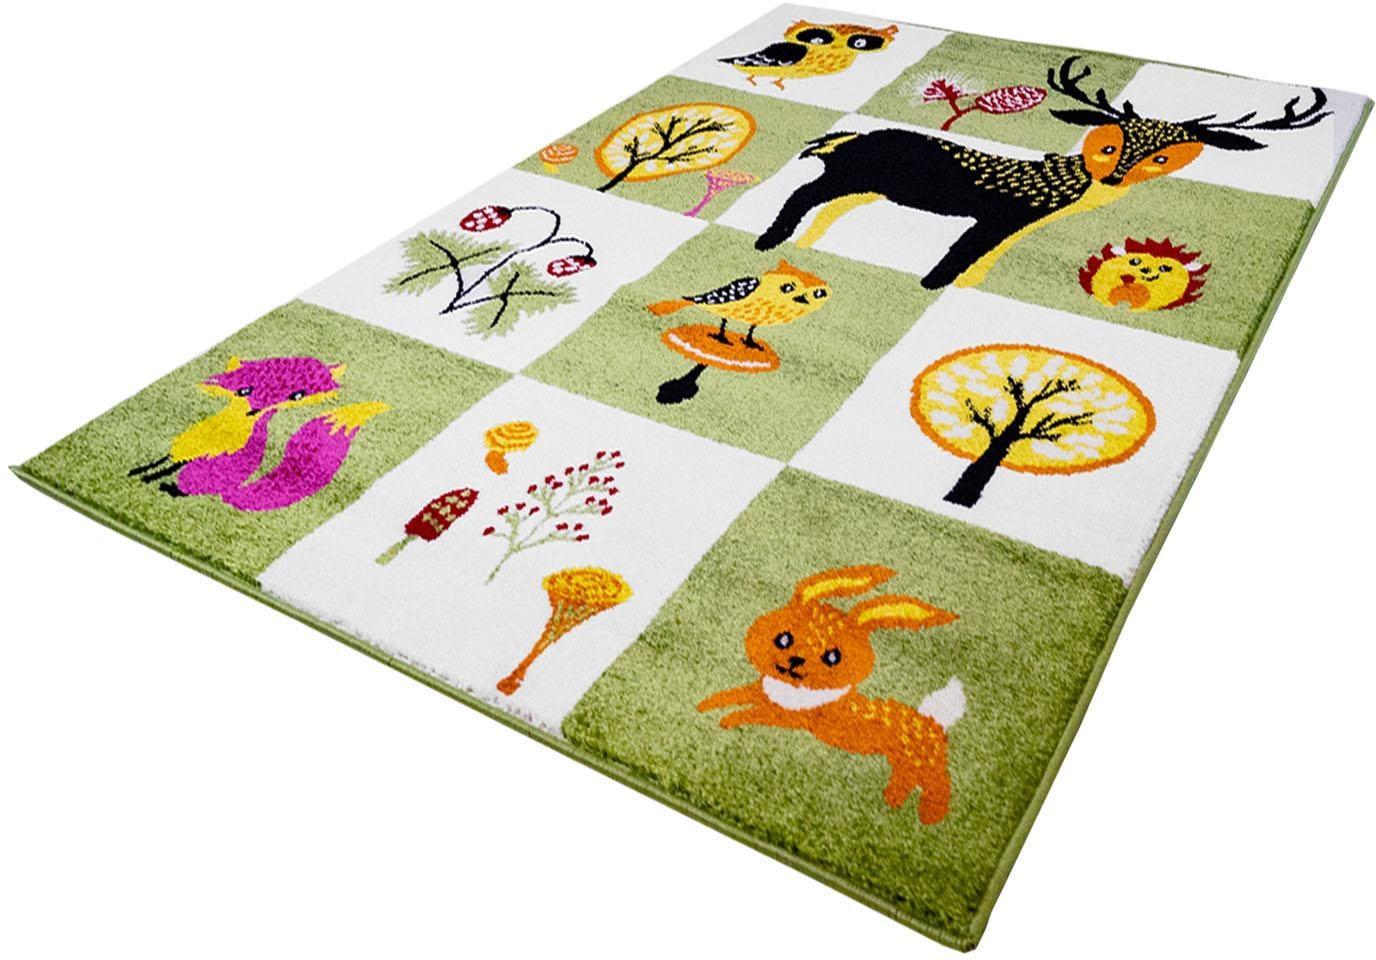 Kinderteppich Moda Kids 1510 Carpet City rechteckig Höhe 11 mm maschinell gewebt